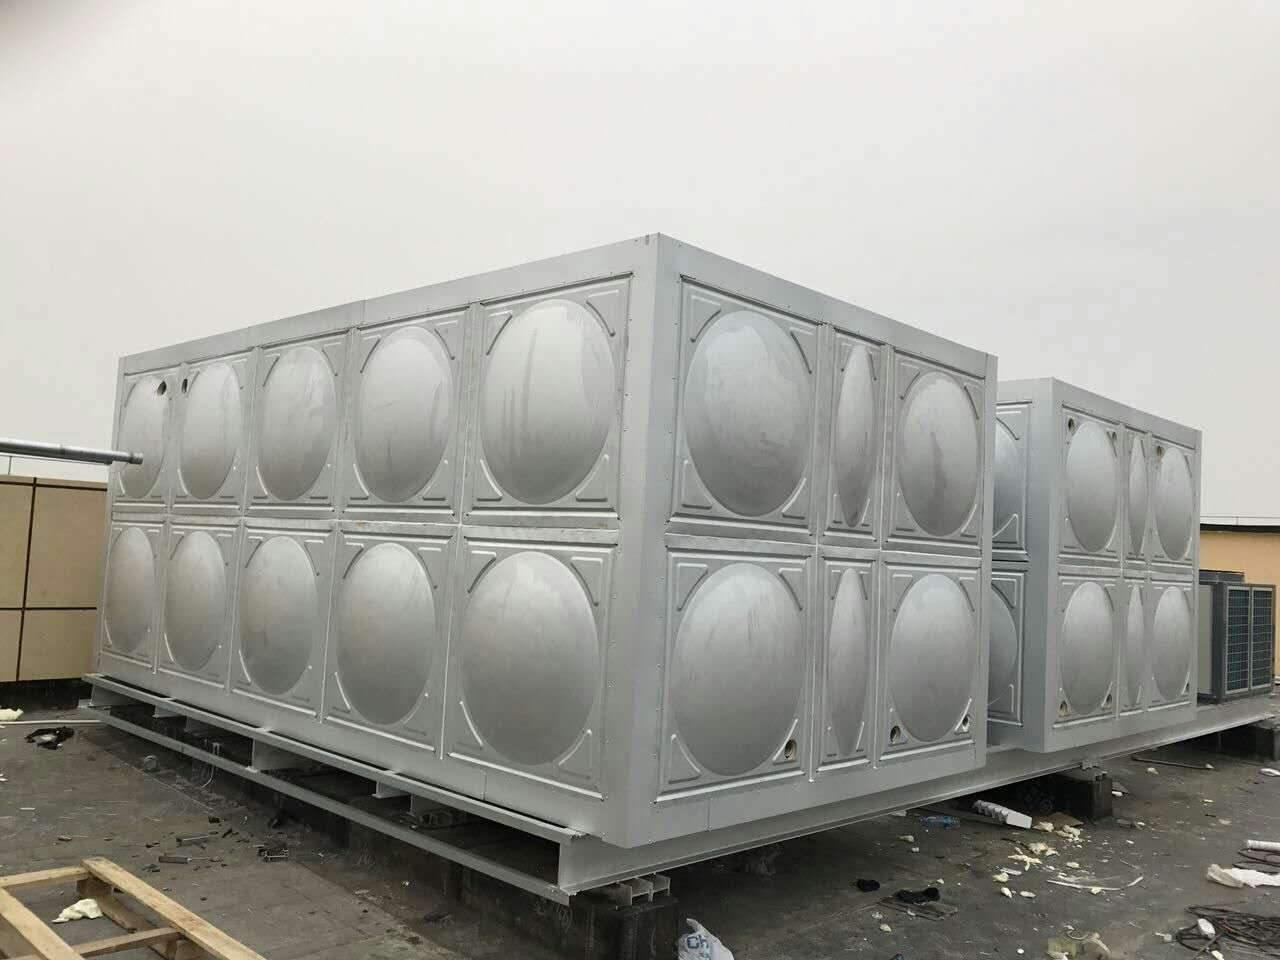 不锈钢水箱漏水用胶粘剂渗透法修补水箱裂纹